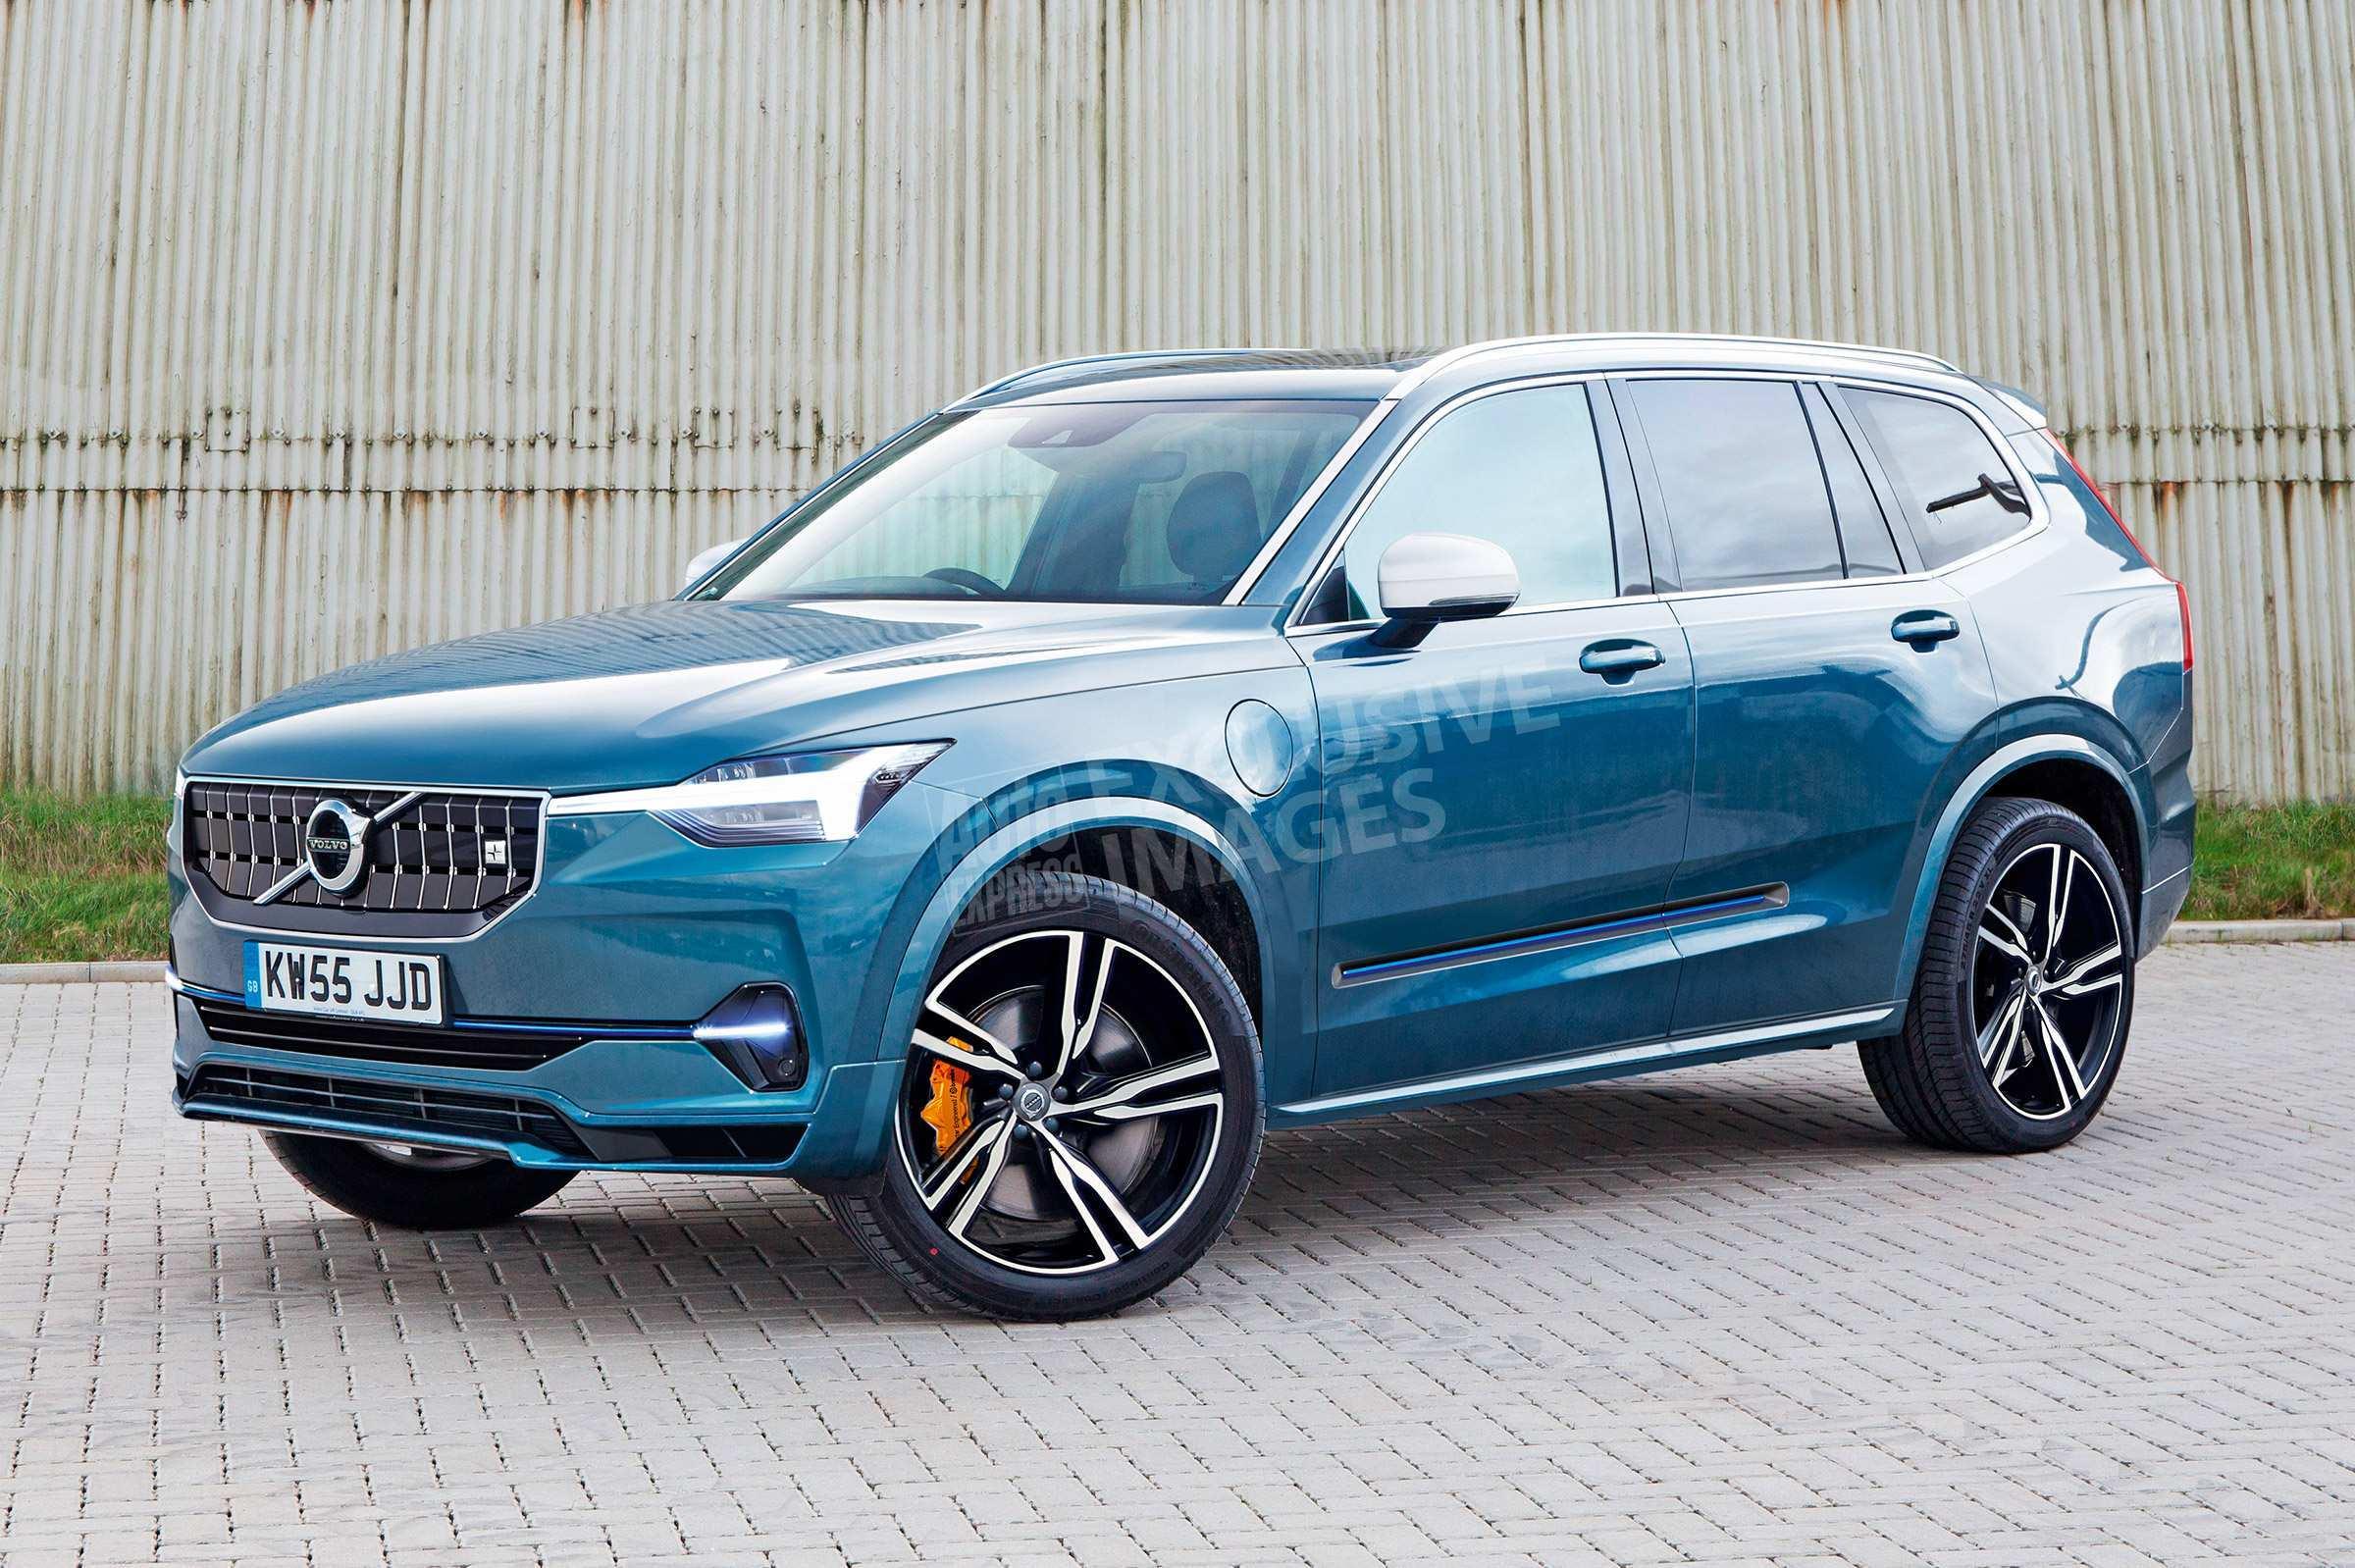 90 Concept of Volvo Nieuwe Modellen 2020 Interior with Volvo Nieuwe Modellen 2020